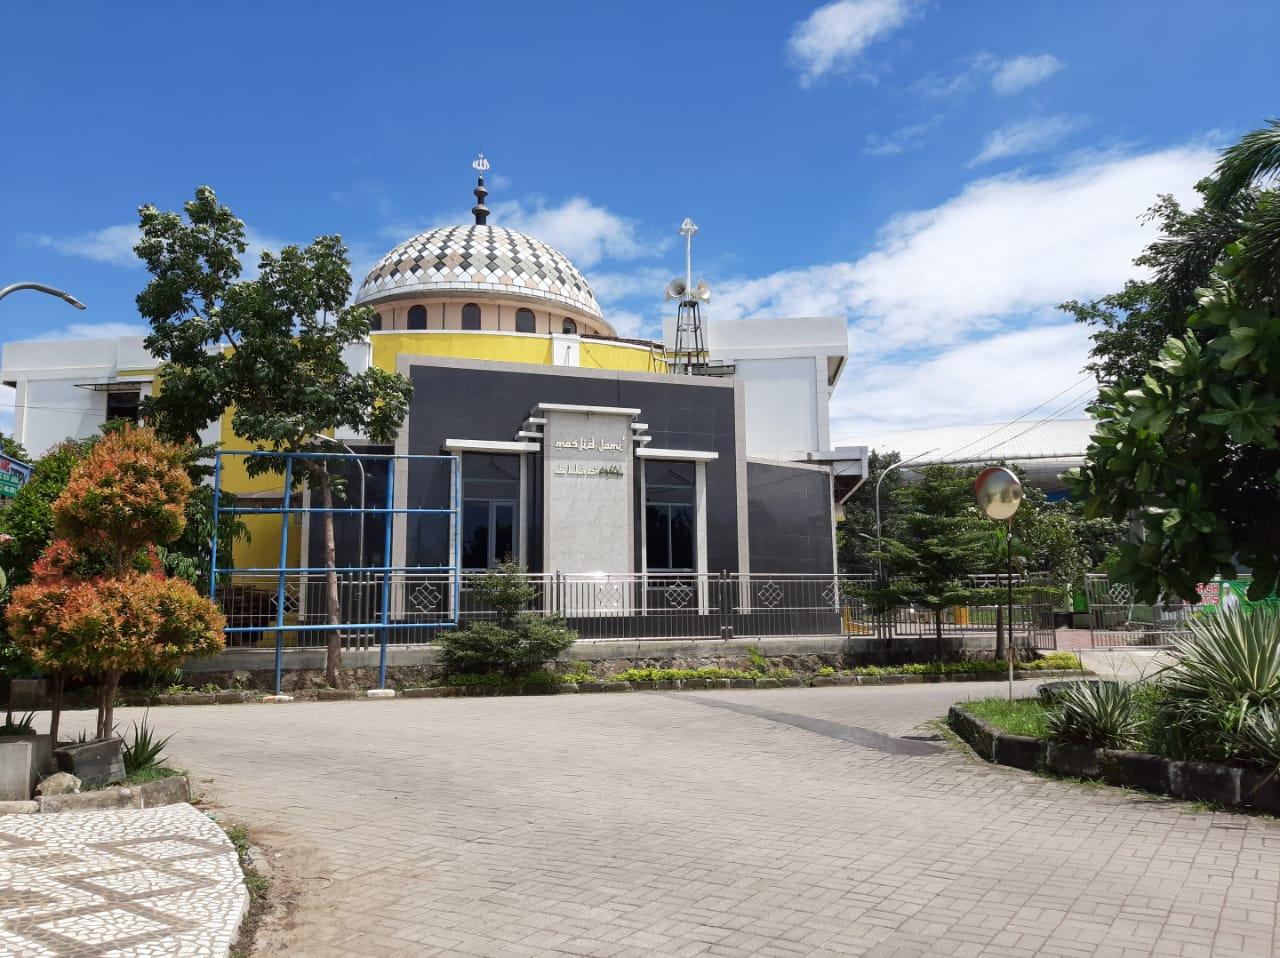 Foto Masjid Abu Bakar Ash-Shiddiq dari Luar